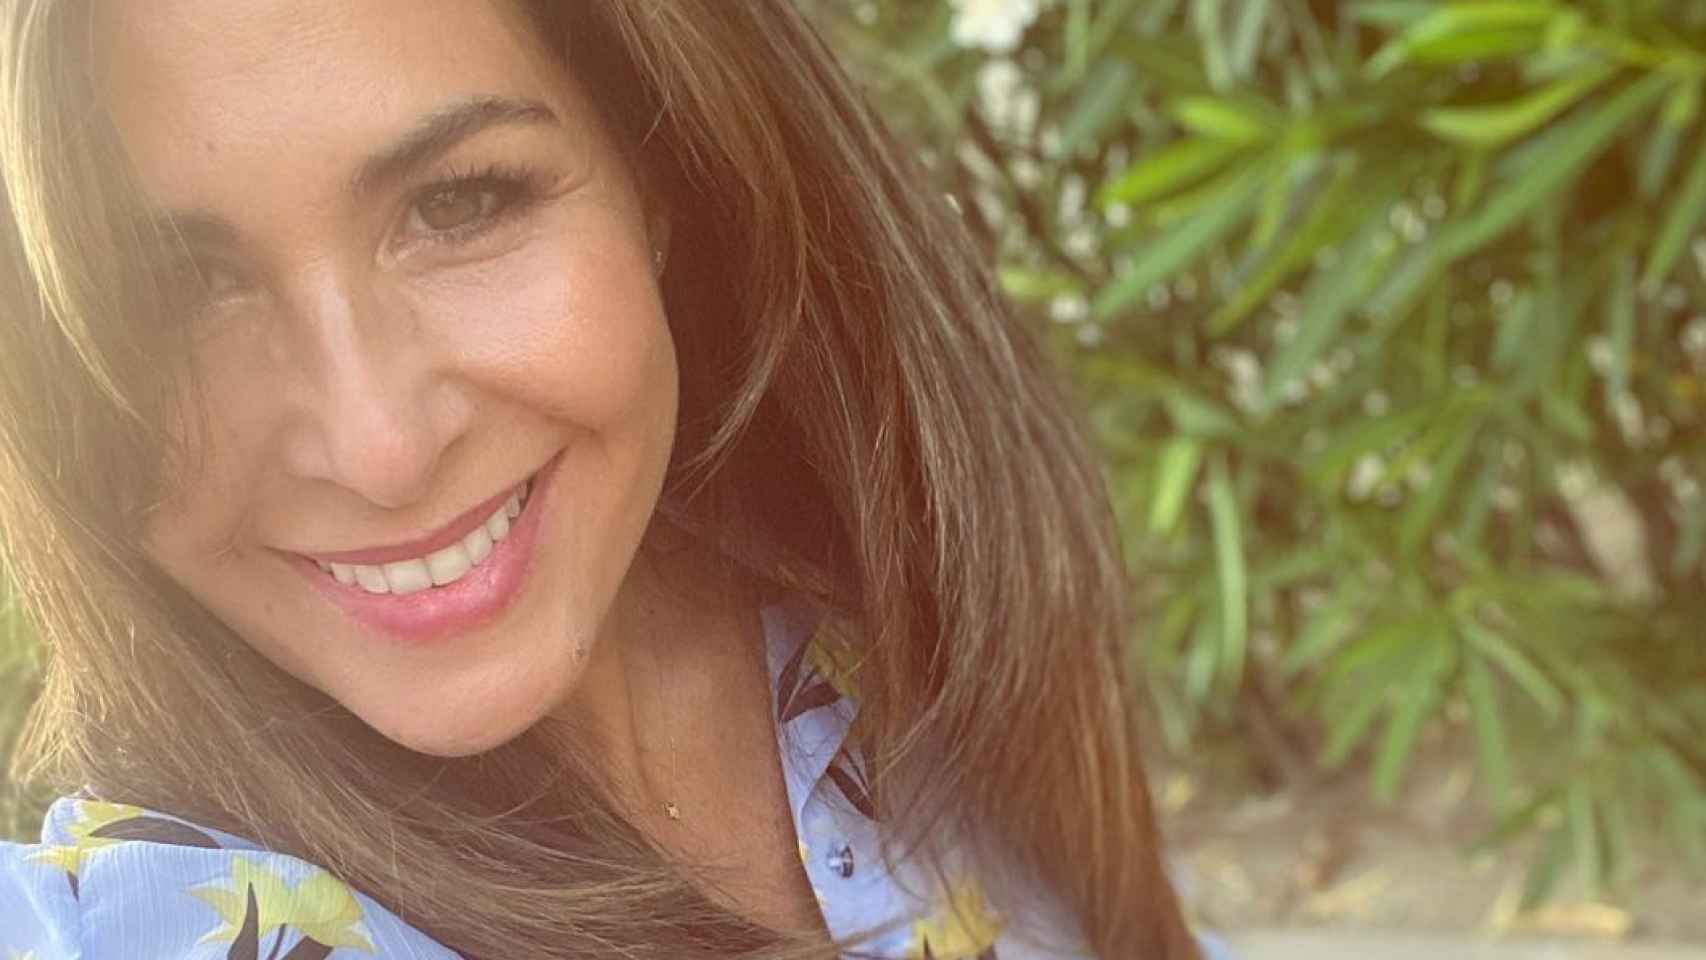 Imágenes del día: Nuria Roca crea una nueva forma de 'trabajar' desde un hotel de 5 estrellas y revoluciona a sus fans